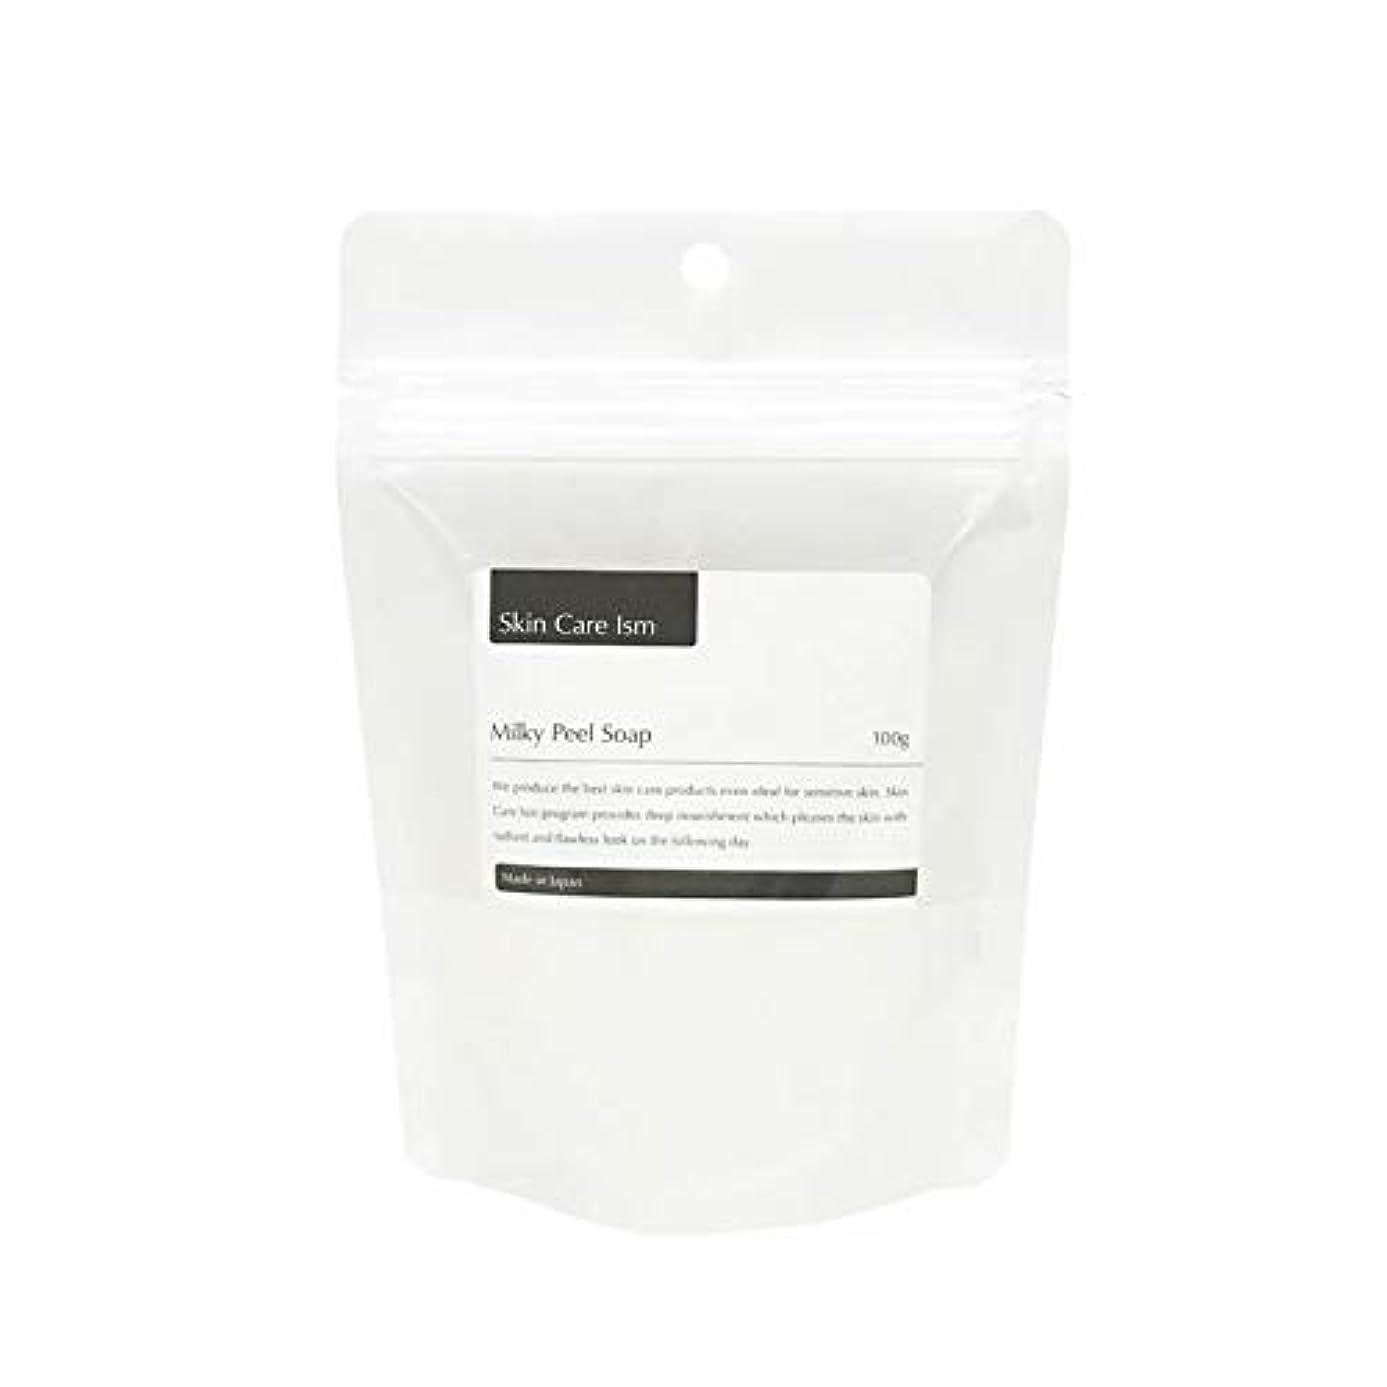 アンテナ上級ペア【Skin Care Ism / Milky Peel Soap】スキンケアイズム?ミルキーピールソープ